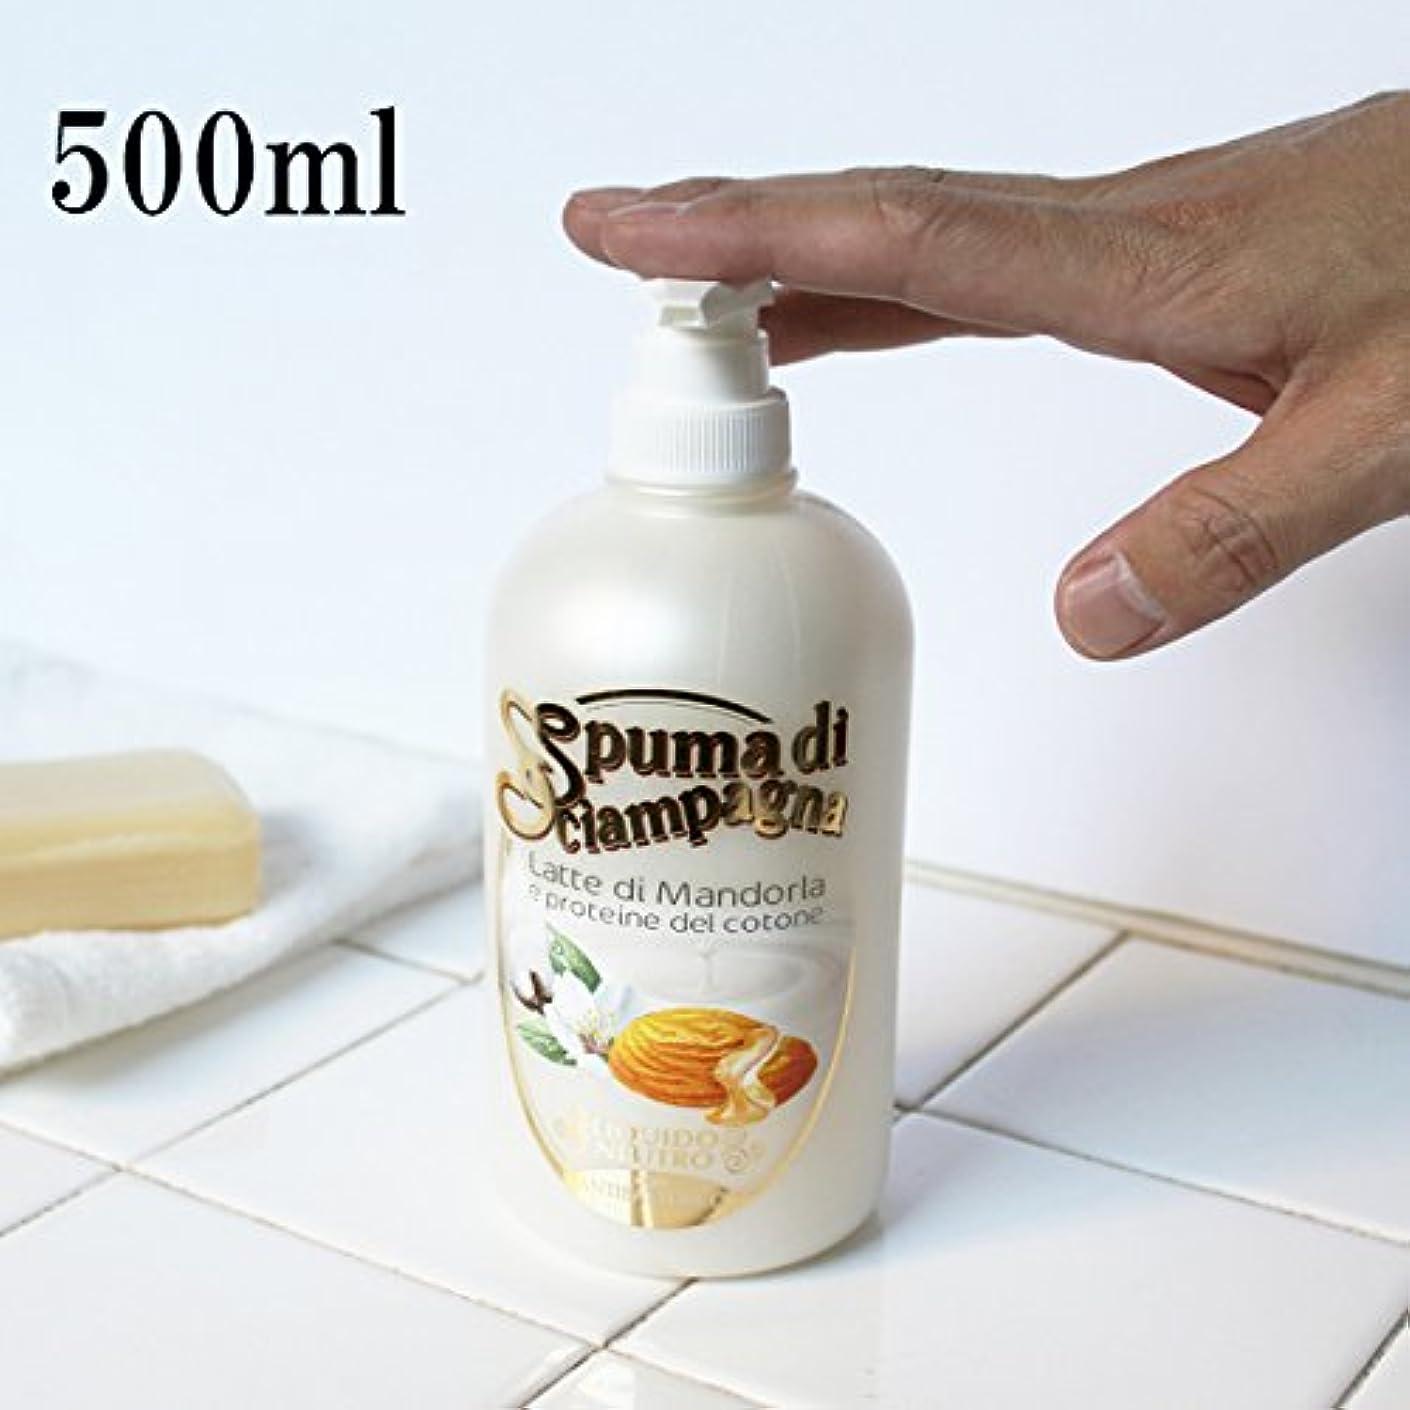 マーク呼び起こすファンタジーSpuma di Sciampagna (スプーマ ディ シャンパーニャ) リキッドソープ 500ml アーモンドの香り